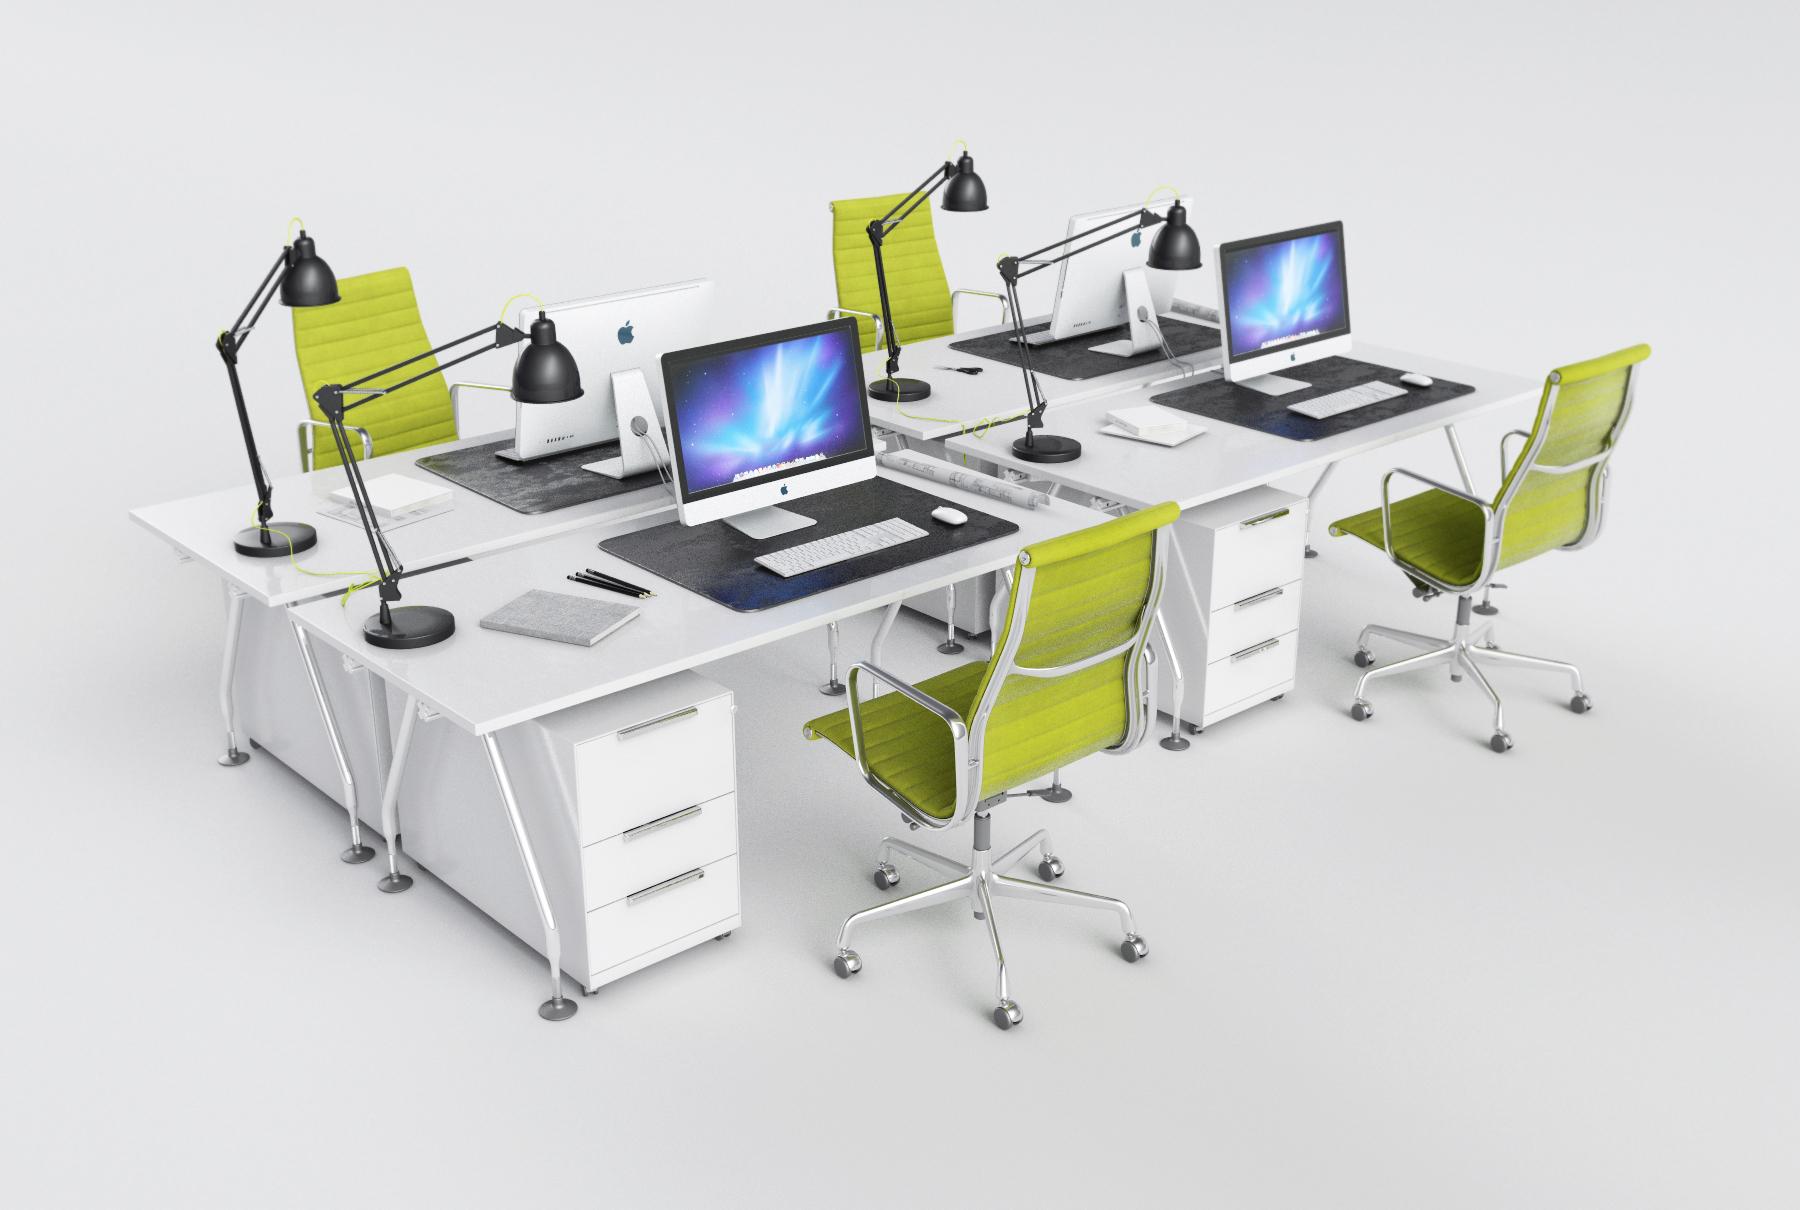 Productvisualization_Design_MaxKulich_14